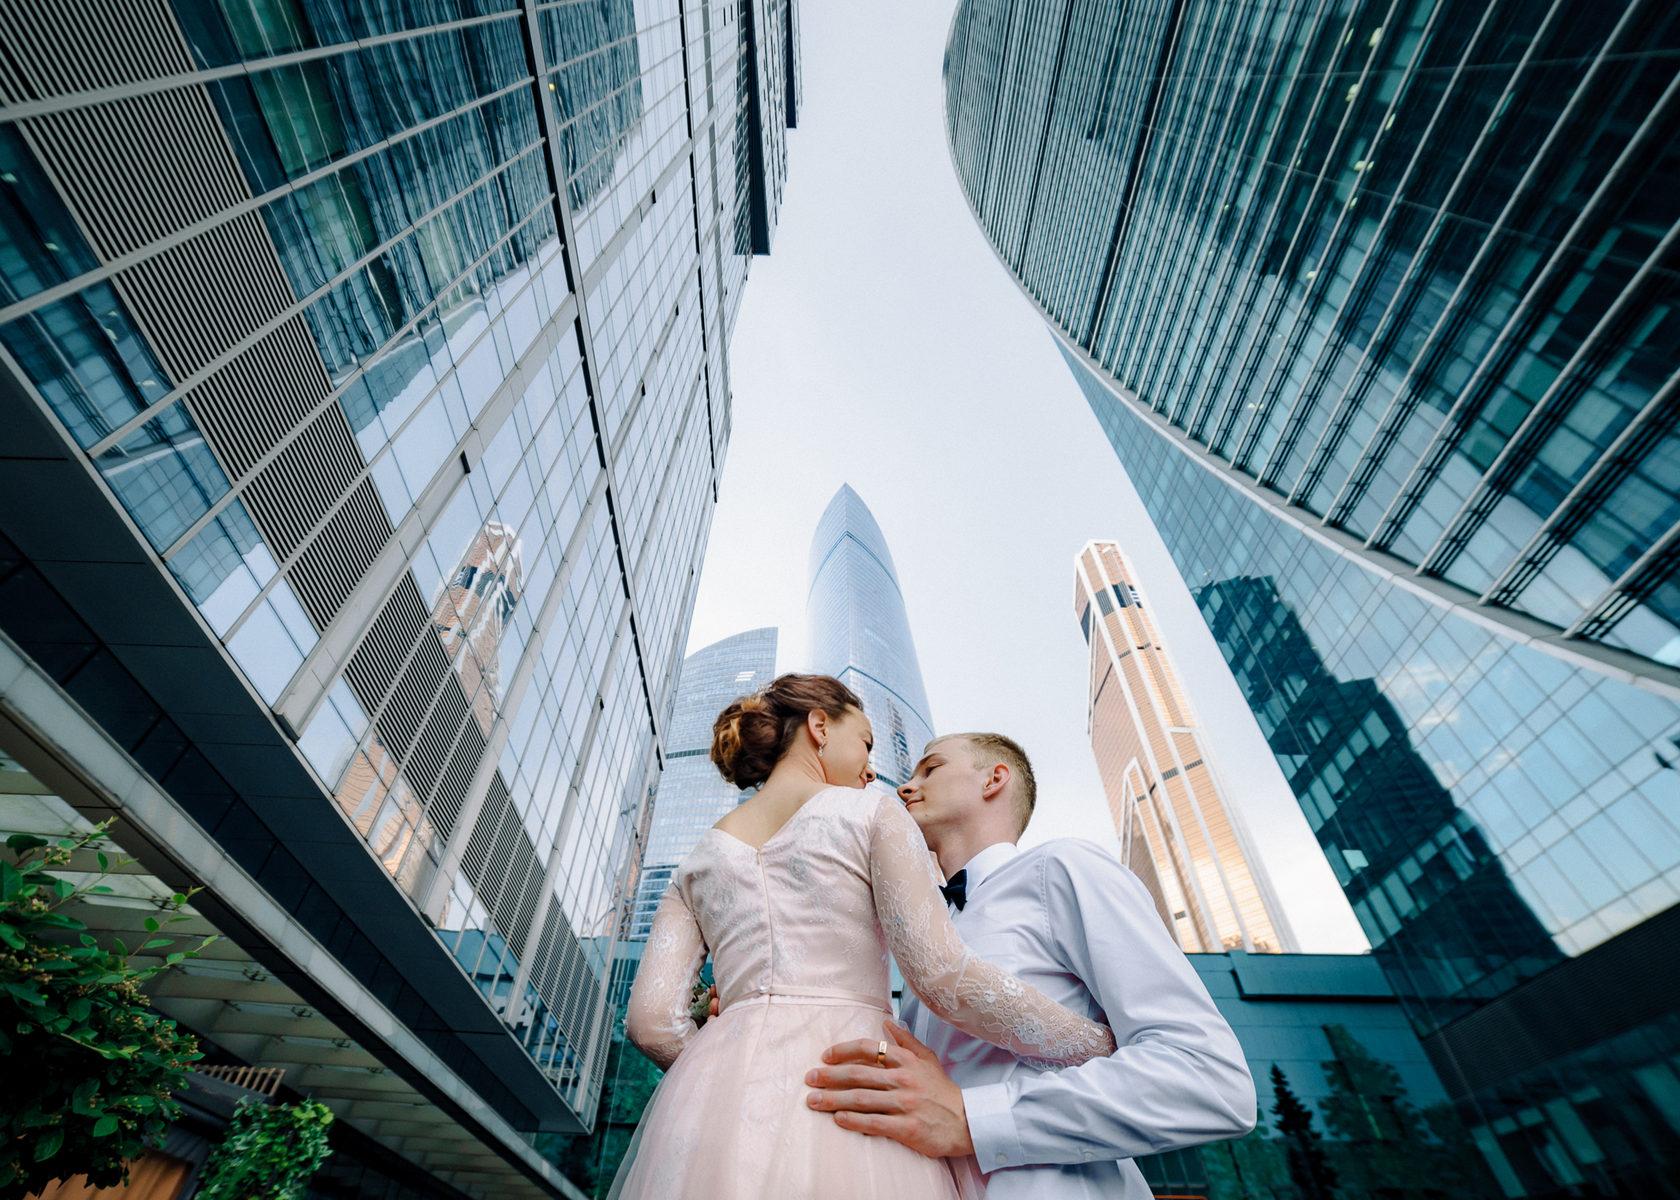 свадебная фотосессия в гонконге для домов бревна